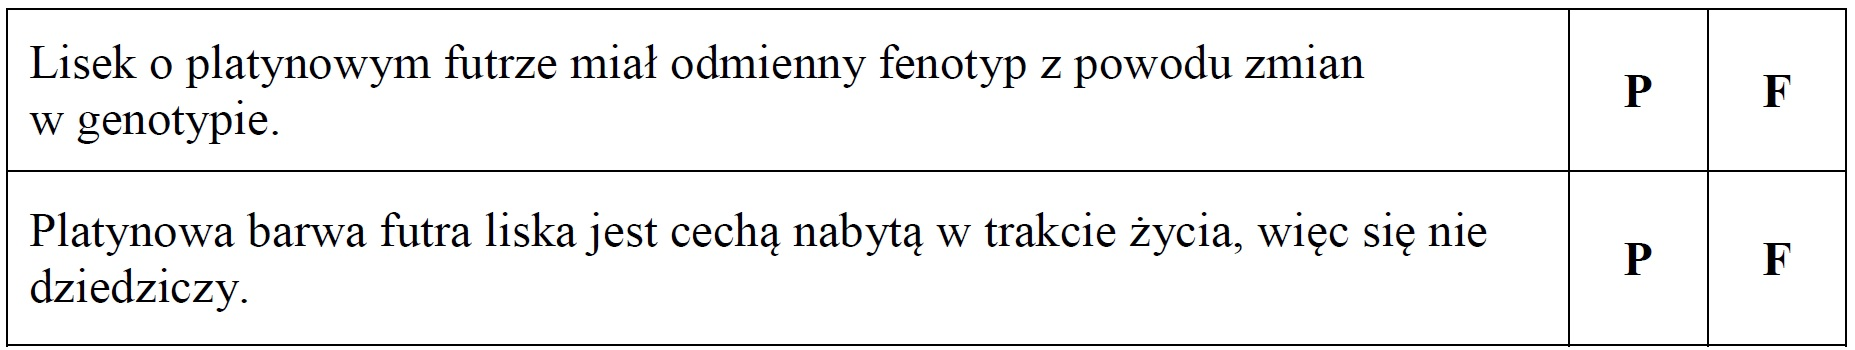 Cechy fenotypu wynikające z genotypu.